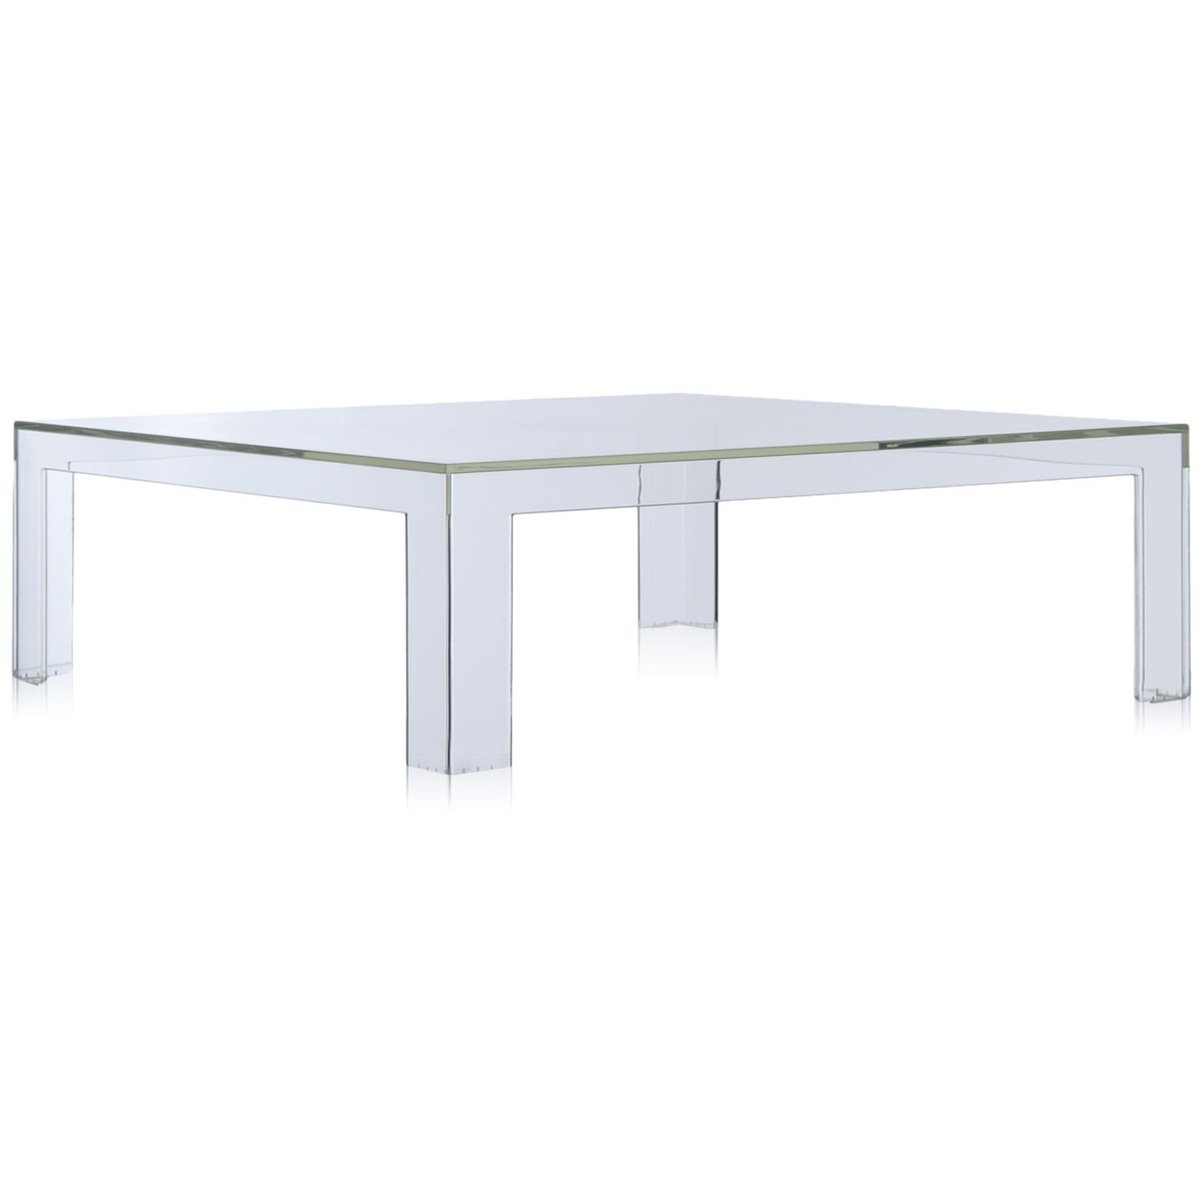 Kartell Invisible Side Table Tavolo, Confezione da 1 Pezzo, Bianco Coprente 5075/E5